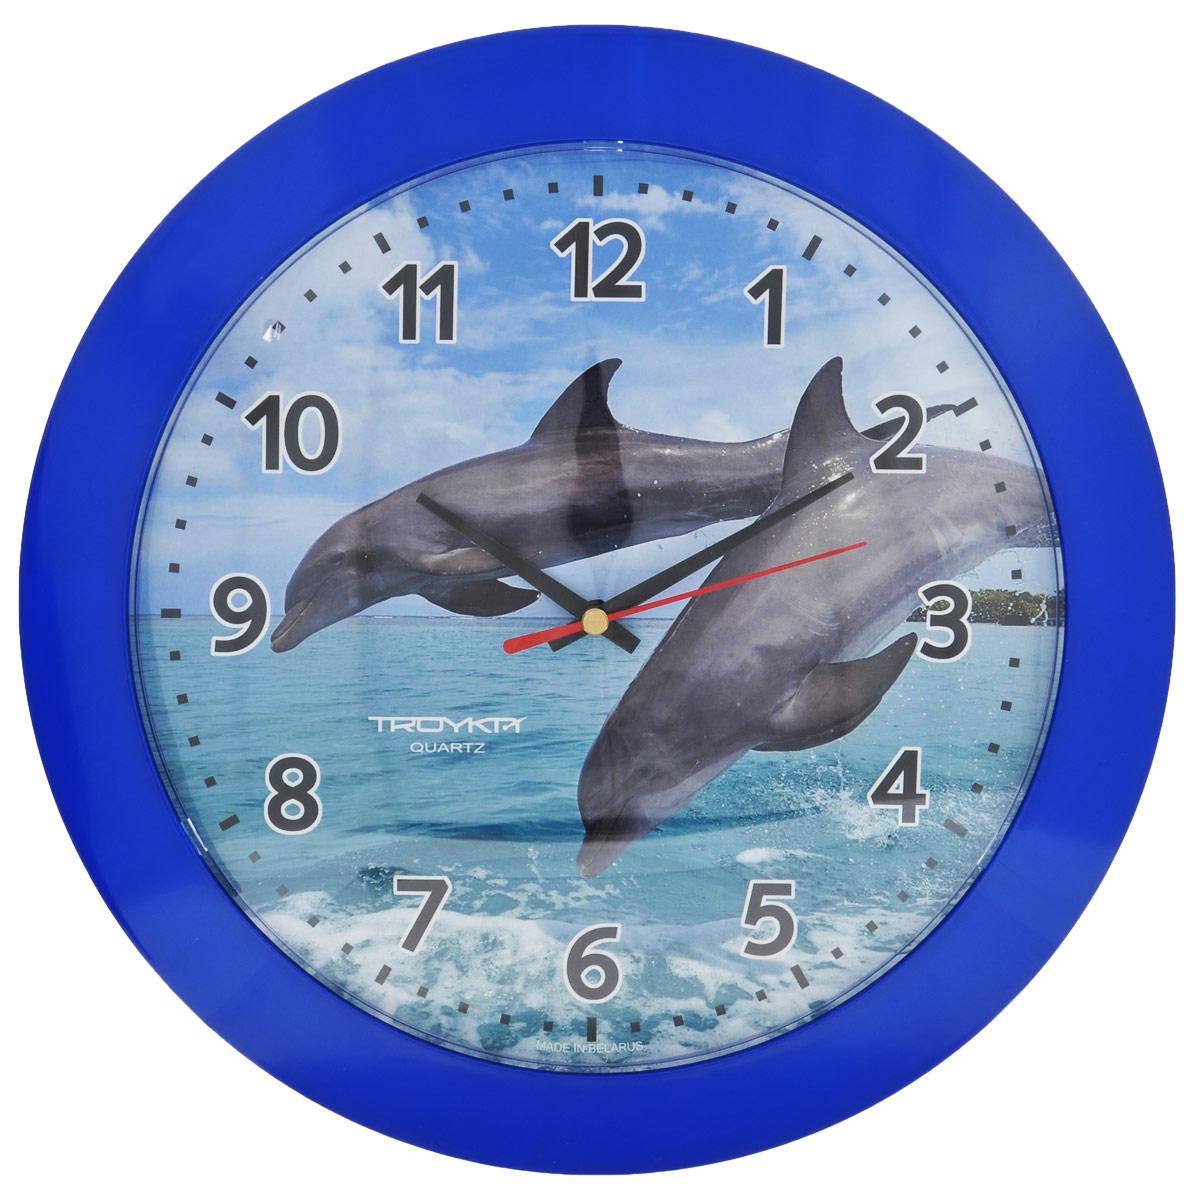 Часы настенные Troyka Дельфины, цвет: синий. 5154052051540520Настенные кварцевые часы Troyka Дельфины, изготовленные из пластика, прекрасно подойдут под интерьер вашего дома. Круглые часы имеют три стрелки: часовую, минутную и секундную, циферблат украшен изображением двух дельфинов и защищен прозрачным пластиком. Диаметр часов: 30,5 см. Часы работают от 1 батарейки типа АА напряжением 1,5 В (входит в комплект).